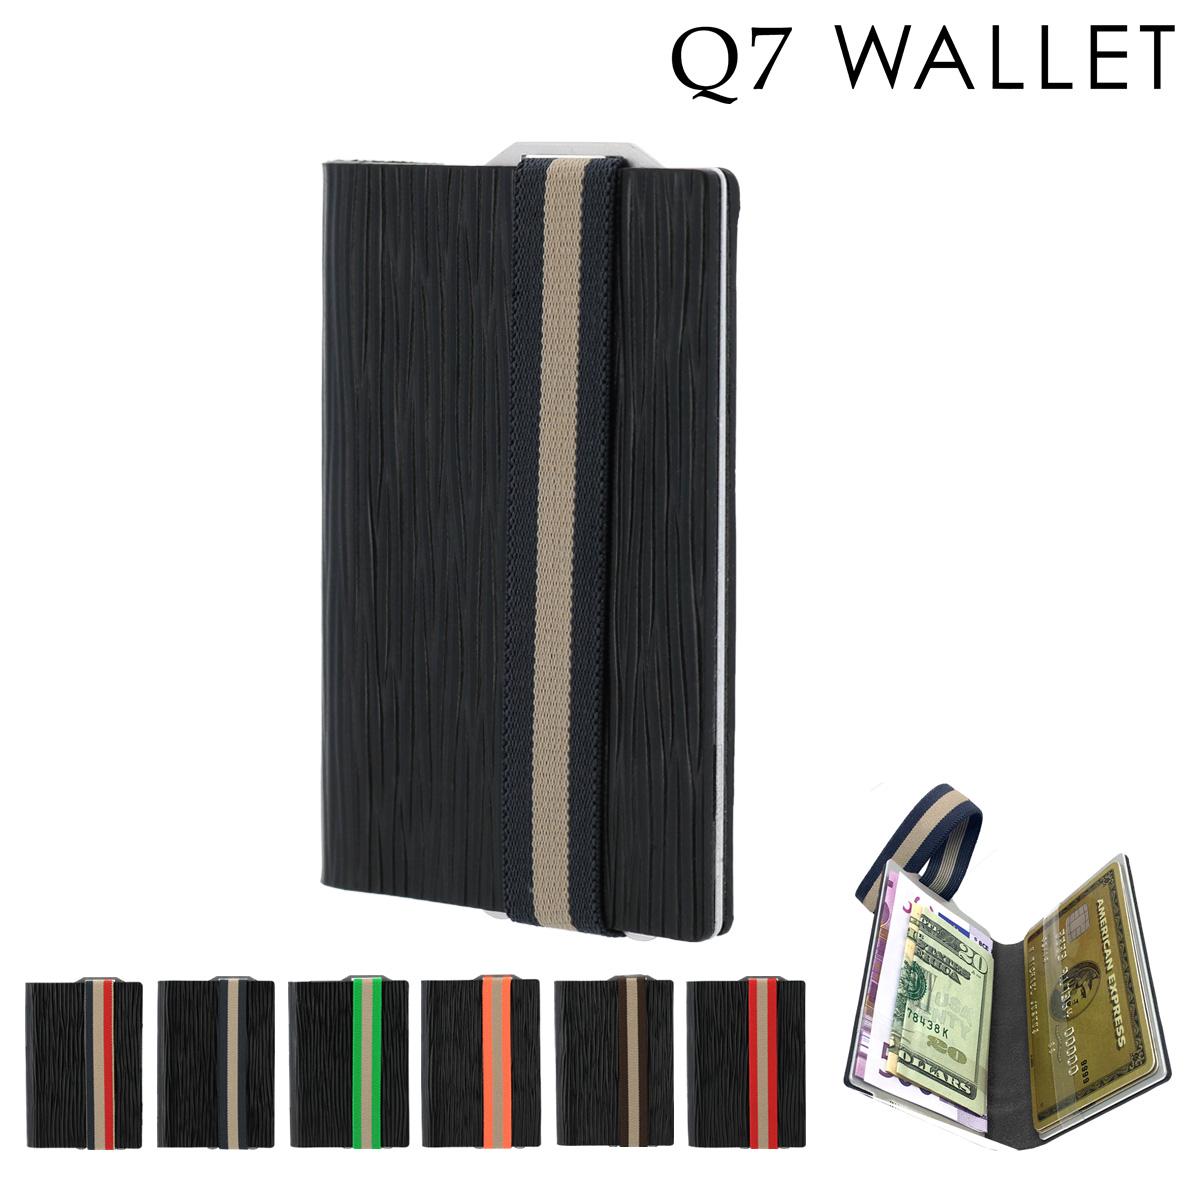 Q7 WALLET カードケース メンズ ドイツ製 510040 本革 カードプロテクター RFID スキミング防止 キューセブン ウォレット[bef][即日発送]